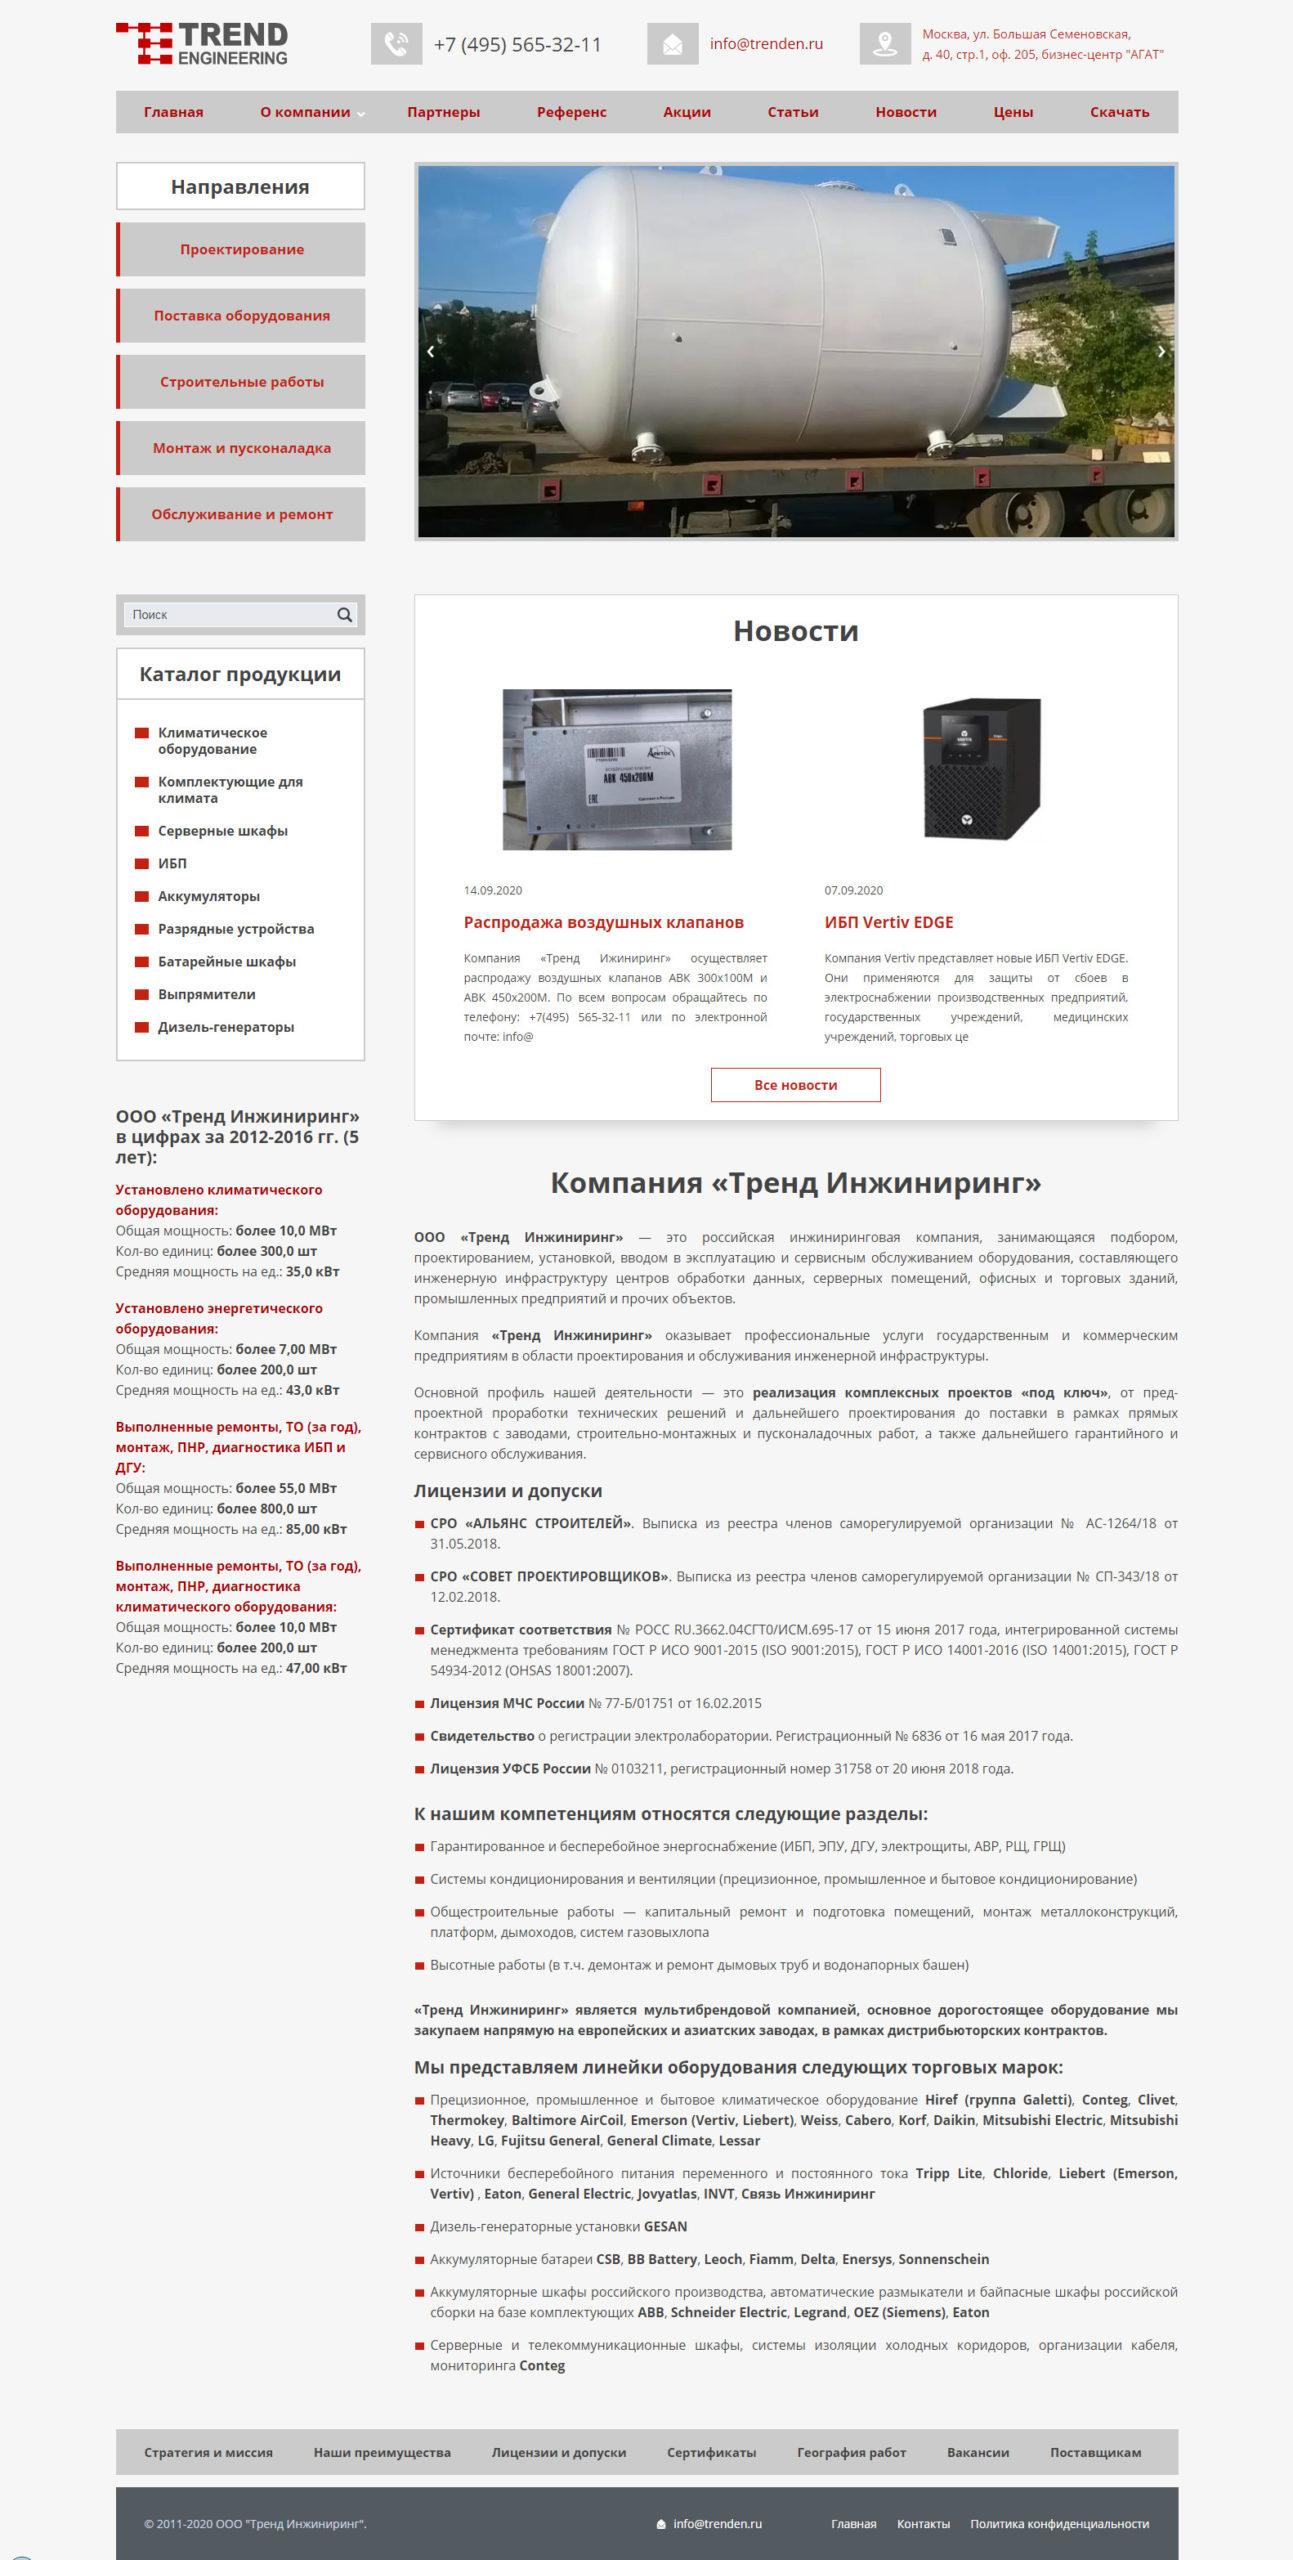 Модернизация и редизайн сайта инжиниринговой компании